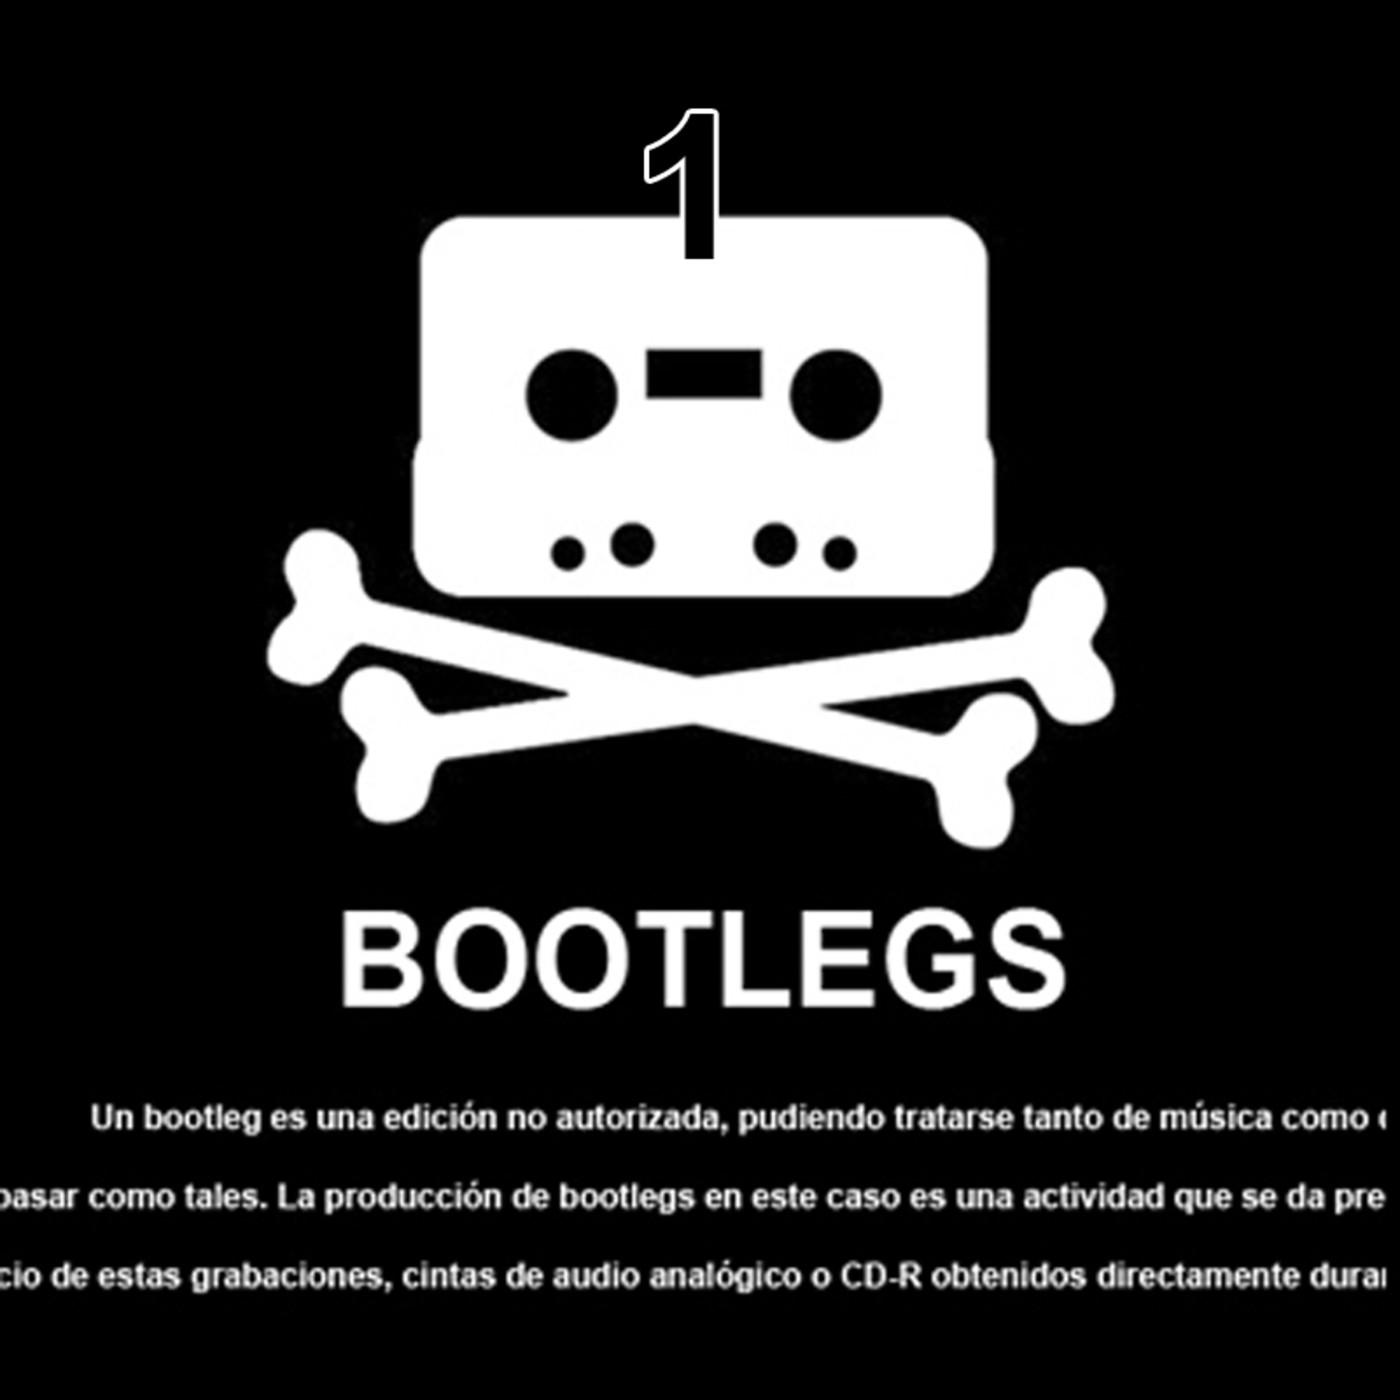 Bootlegs 1 en Bootlegs en mp3(17/07 a las 19:53:16) 01:40:46